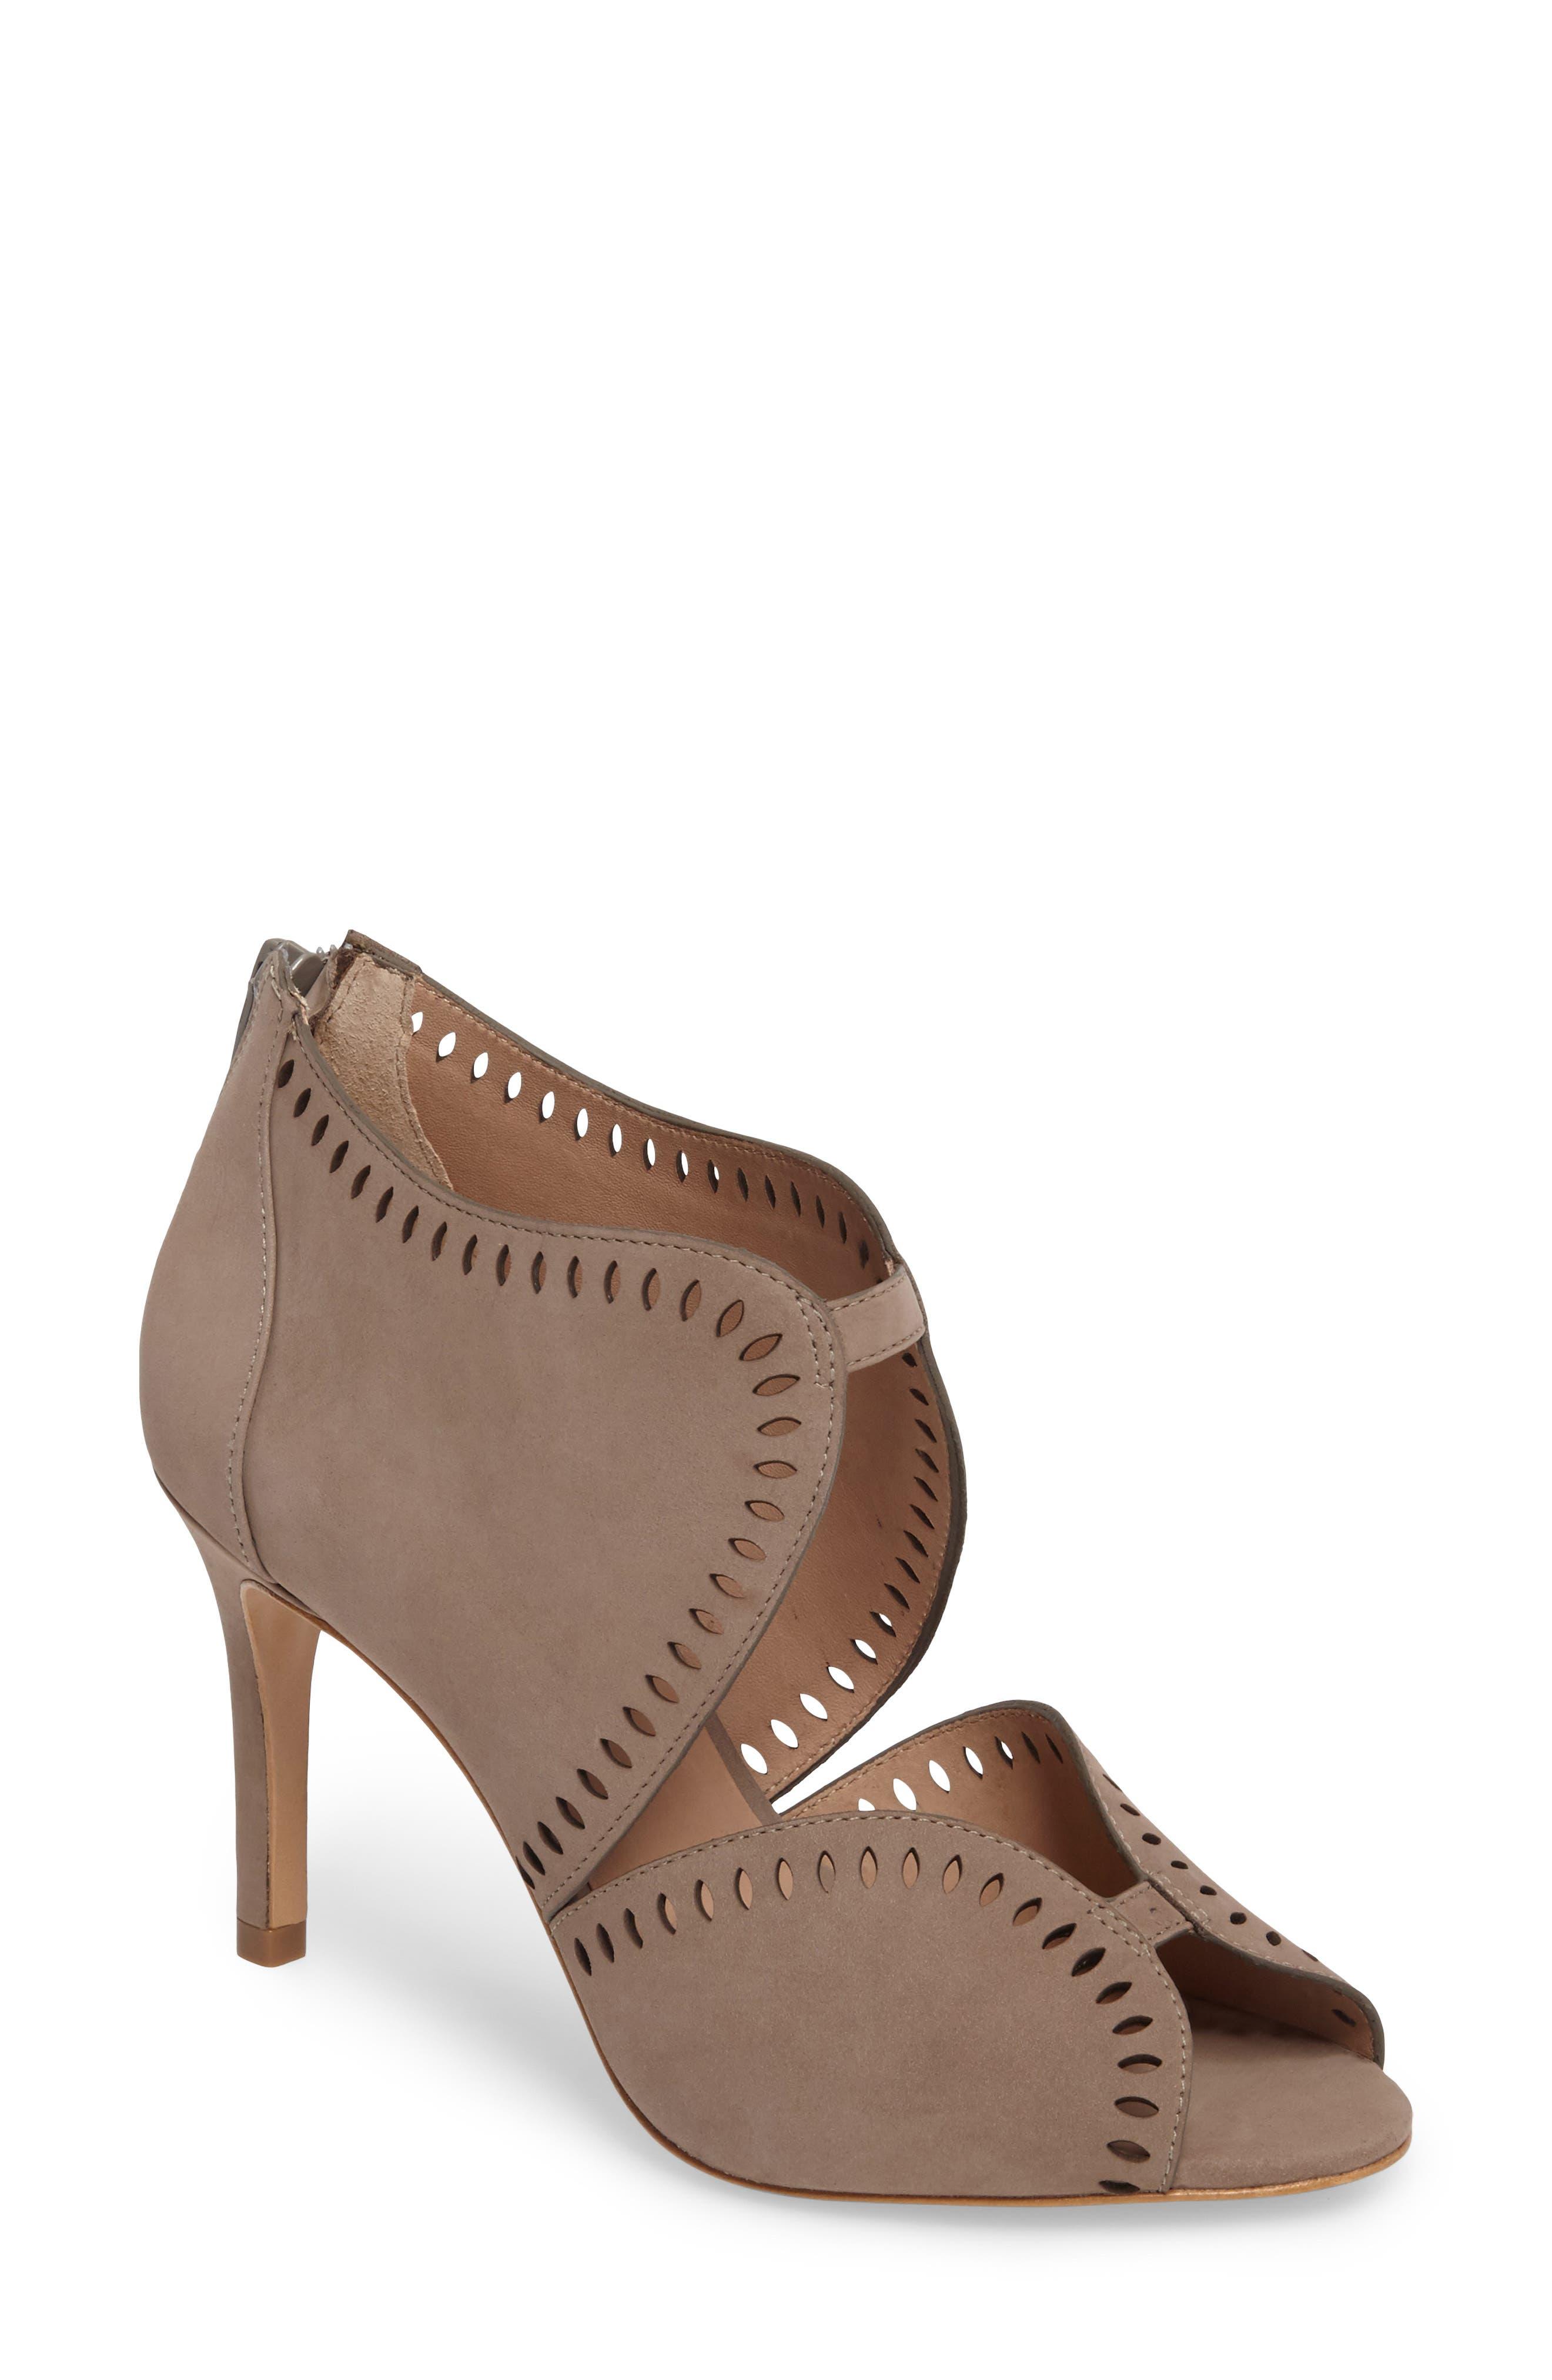 Mallia Perforated Sandal,                             Main thumbnail 1, color,                             Taupe Nubuck Leather